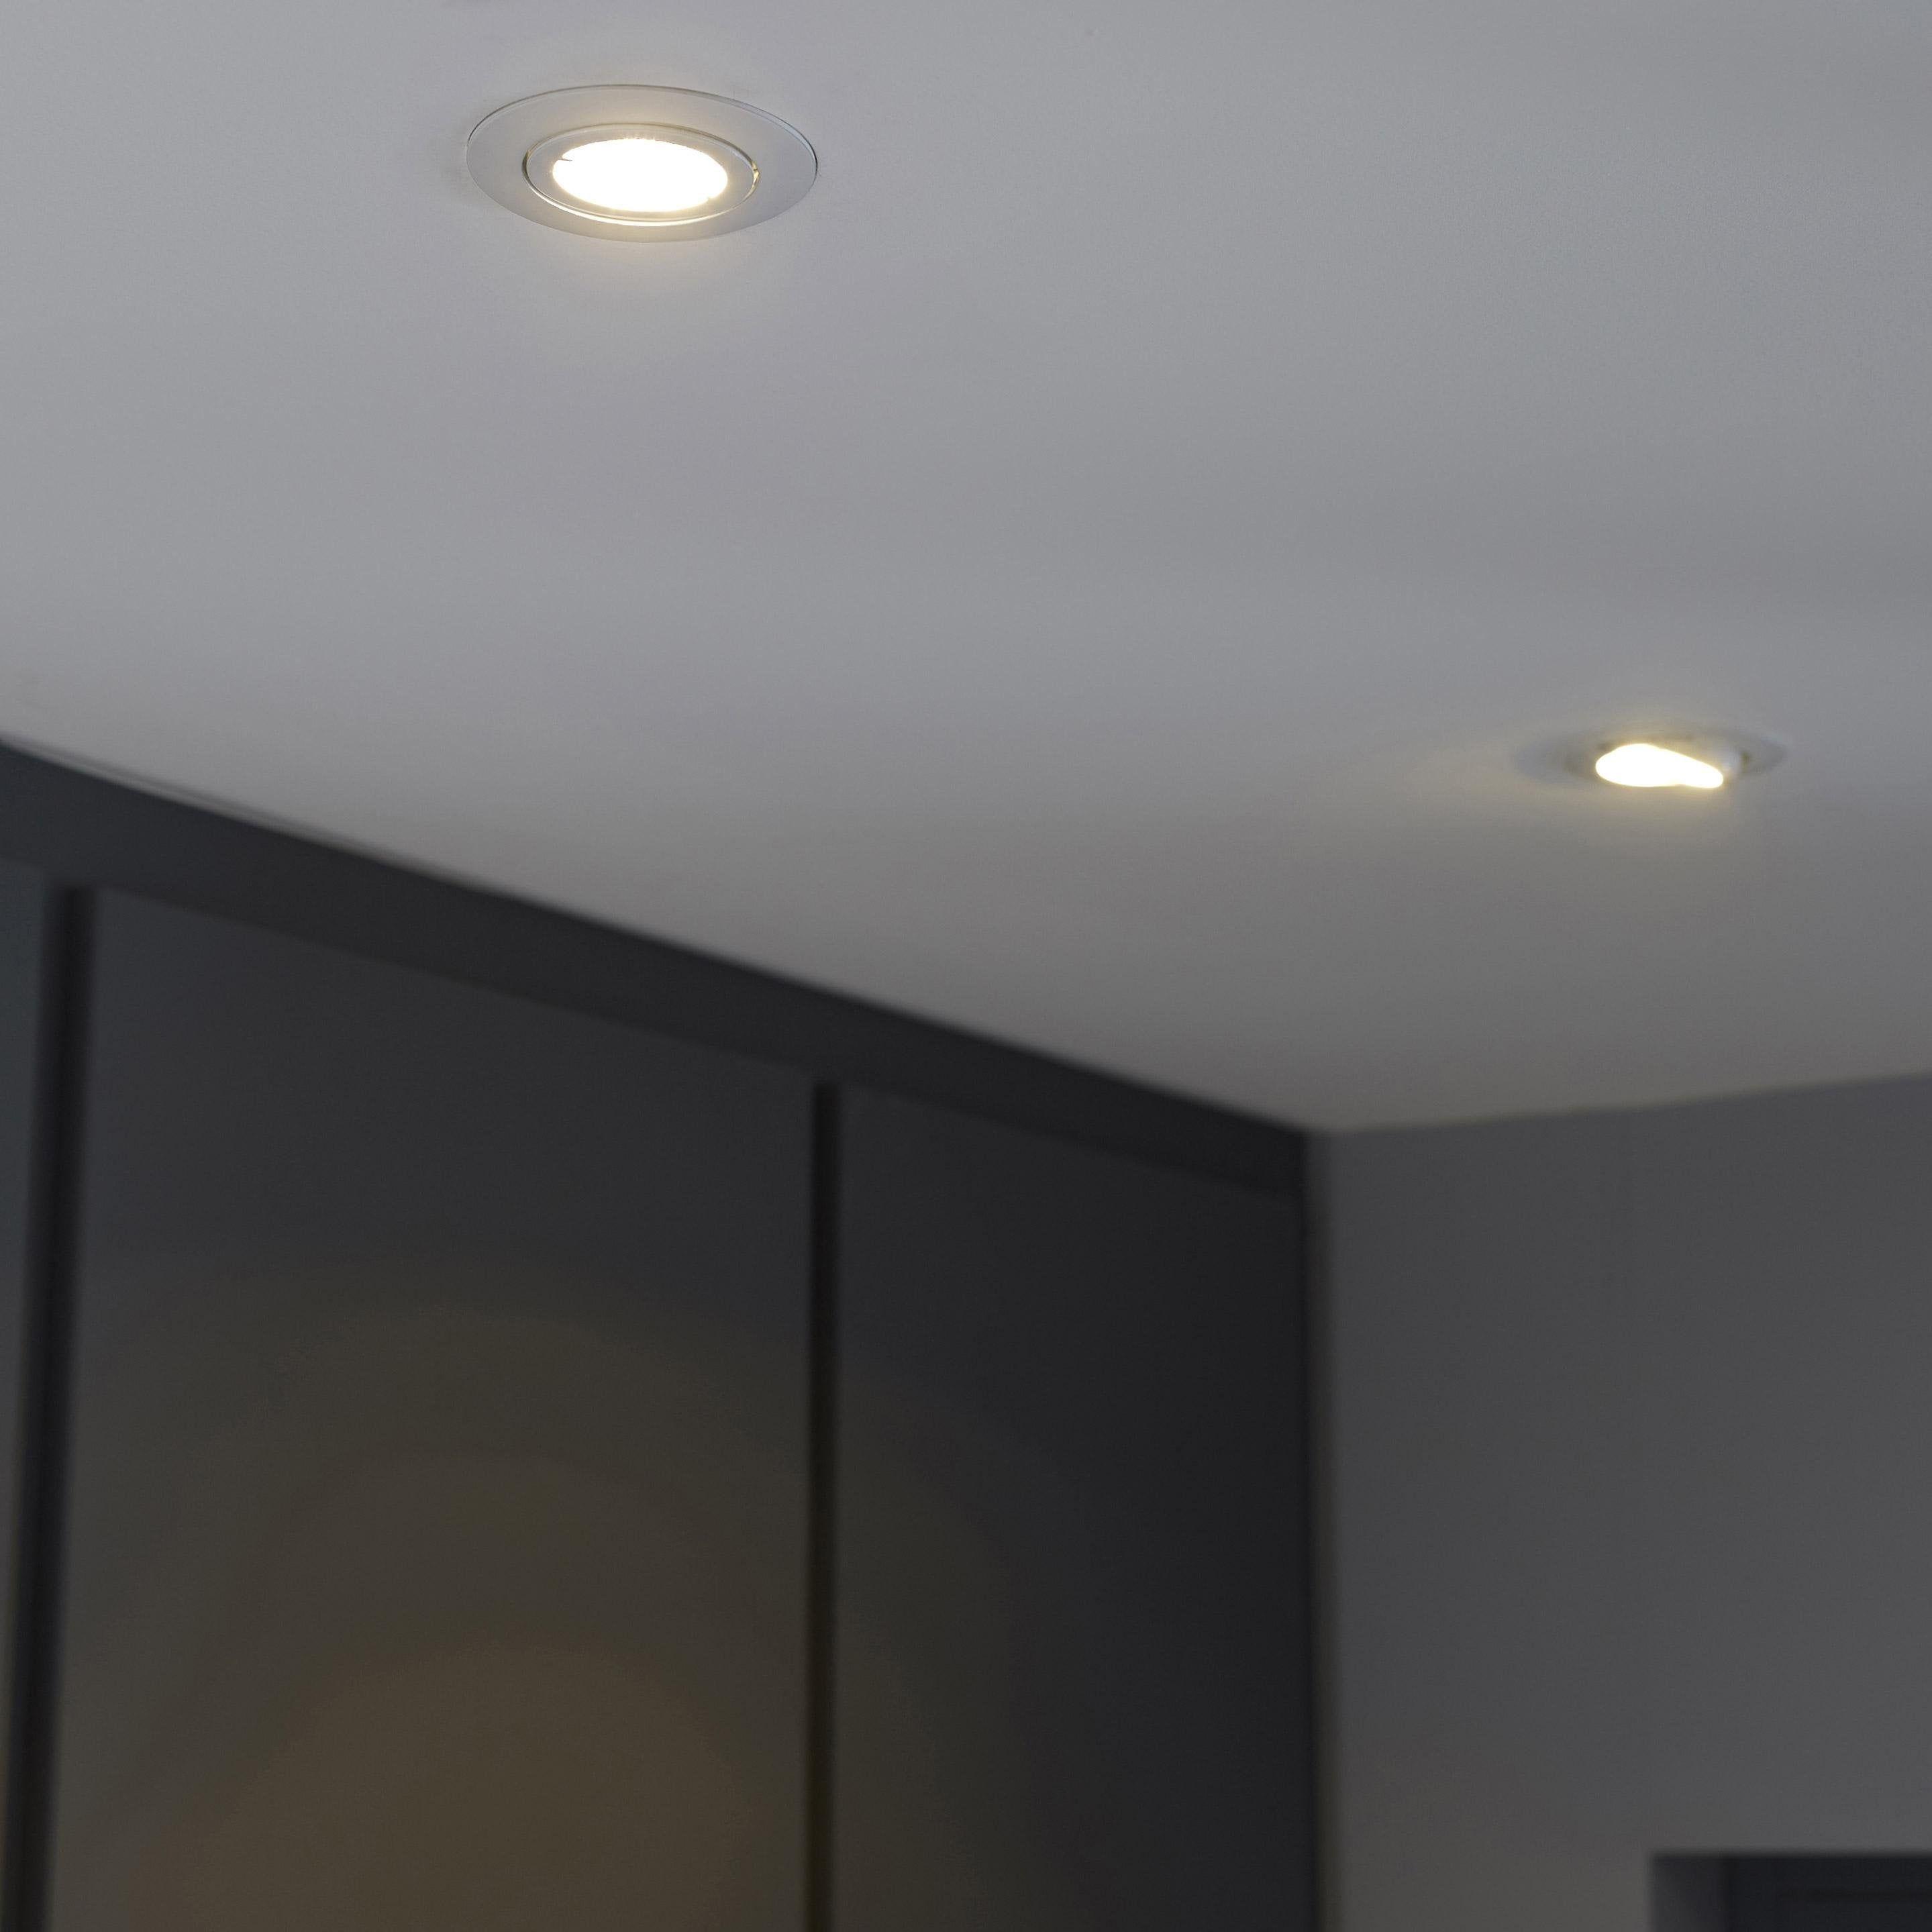 Kit 3 Spots A Encastrer Orientable Bama Led Inspire Gu10 4 Positions Rond Blanc Plafond Salle De Bain Eclairage Led Plafond Led Plafond